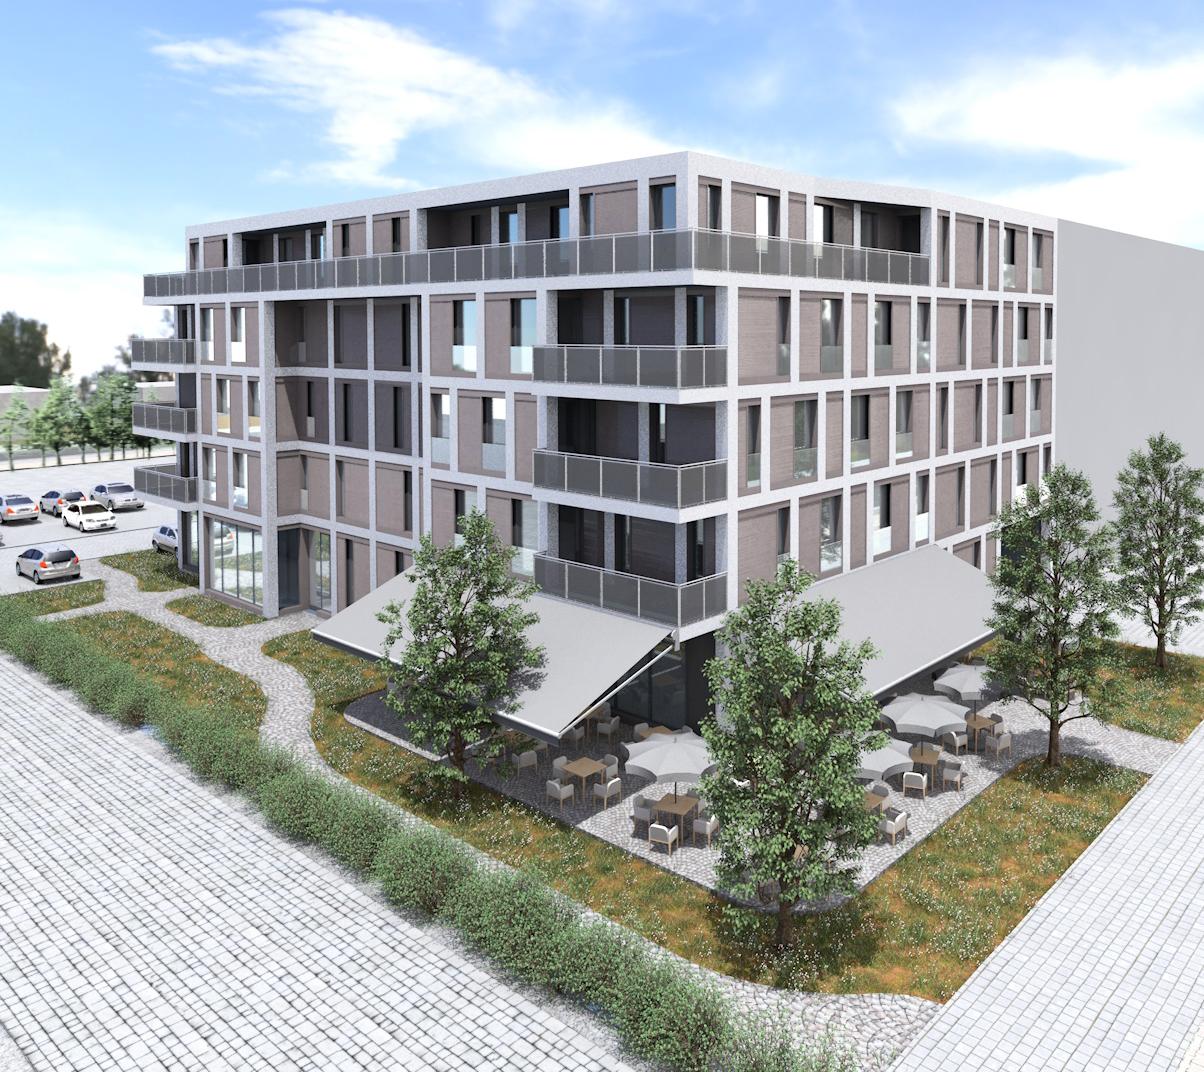 Wohn- und Geschäftshaus Ludwigsfelde: 22 Eigentumswohnungen